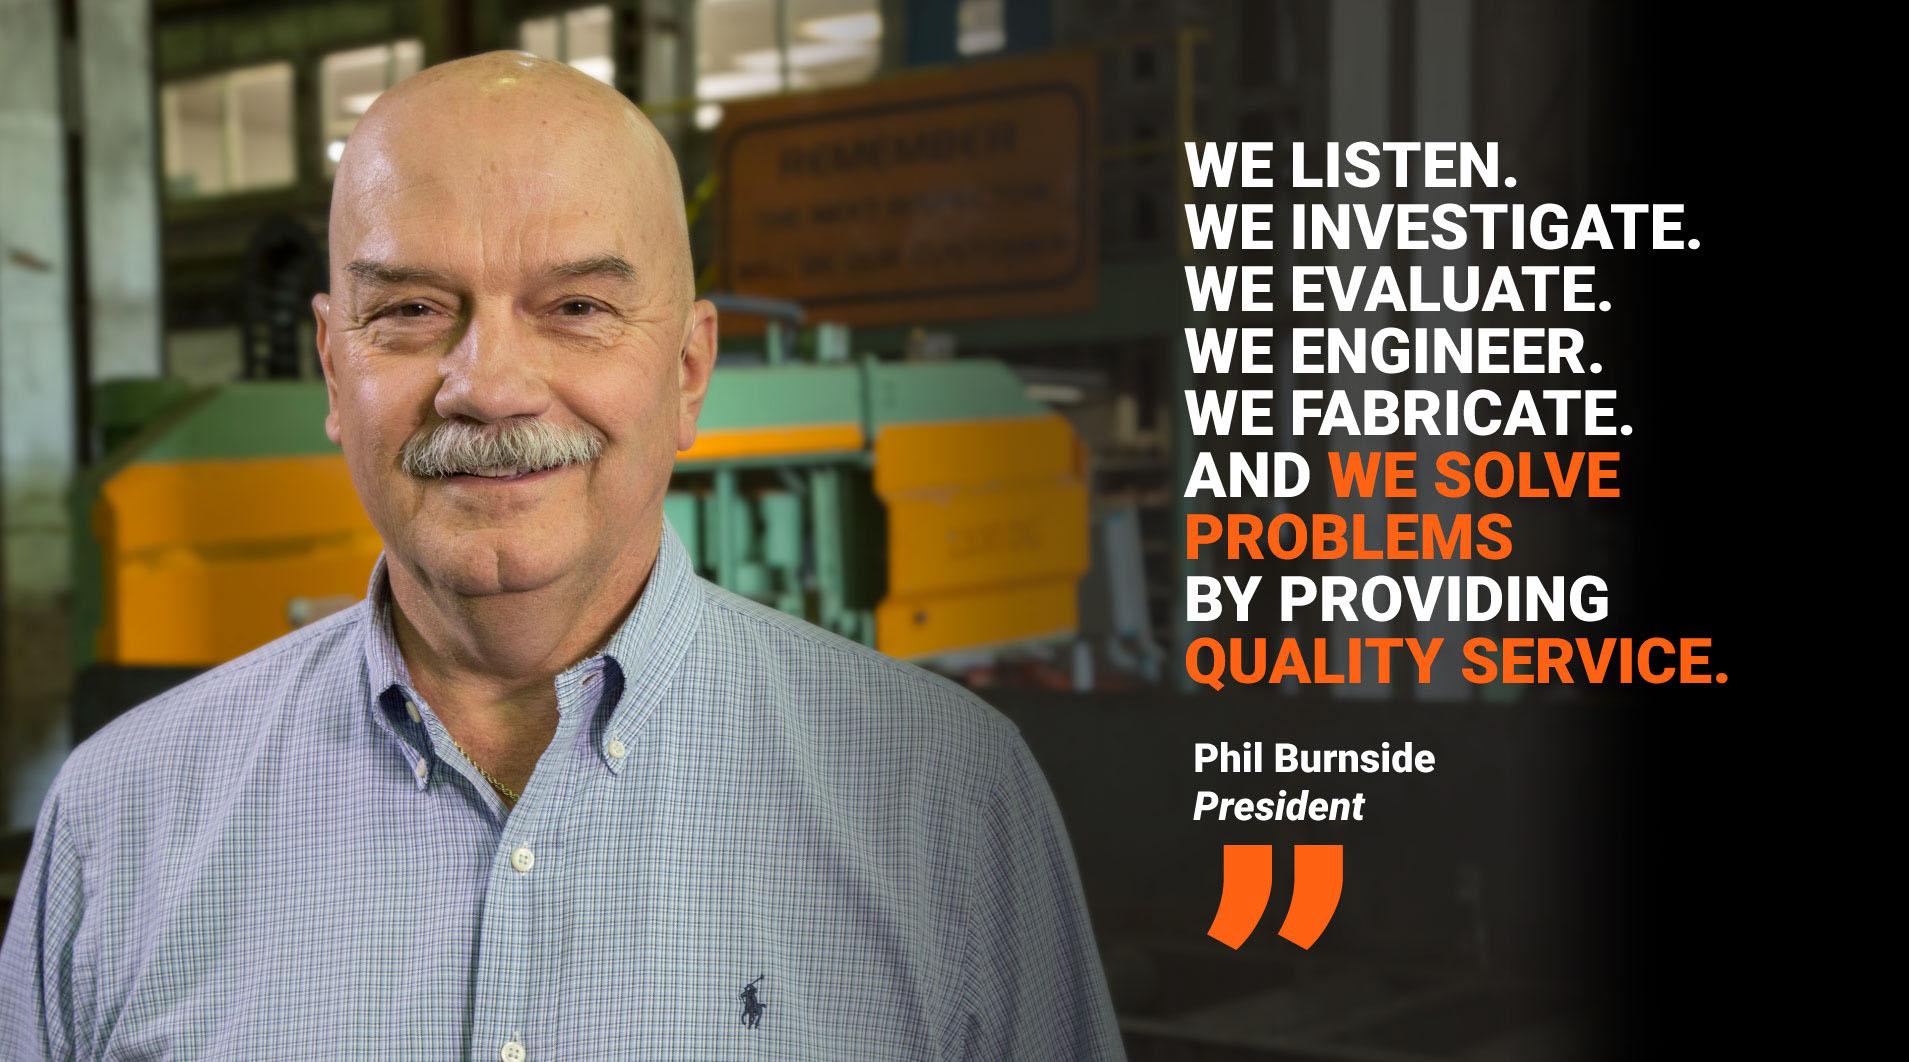 Phil Burnside - President